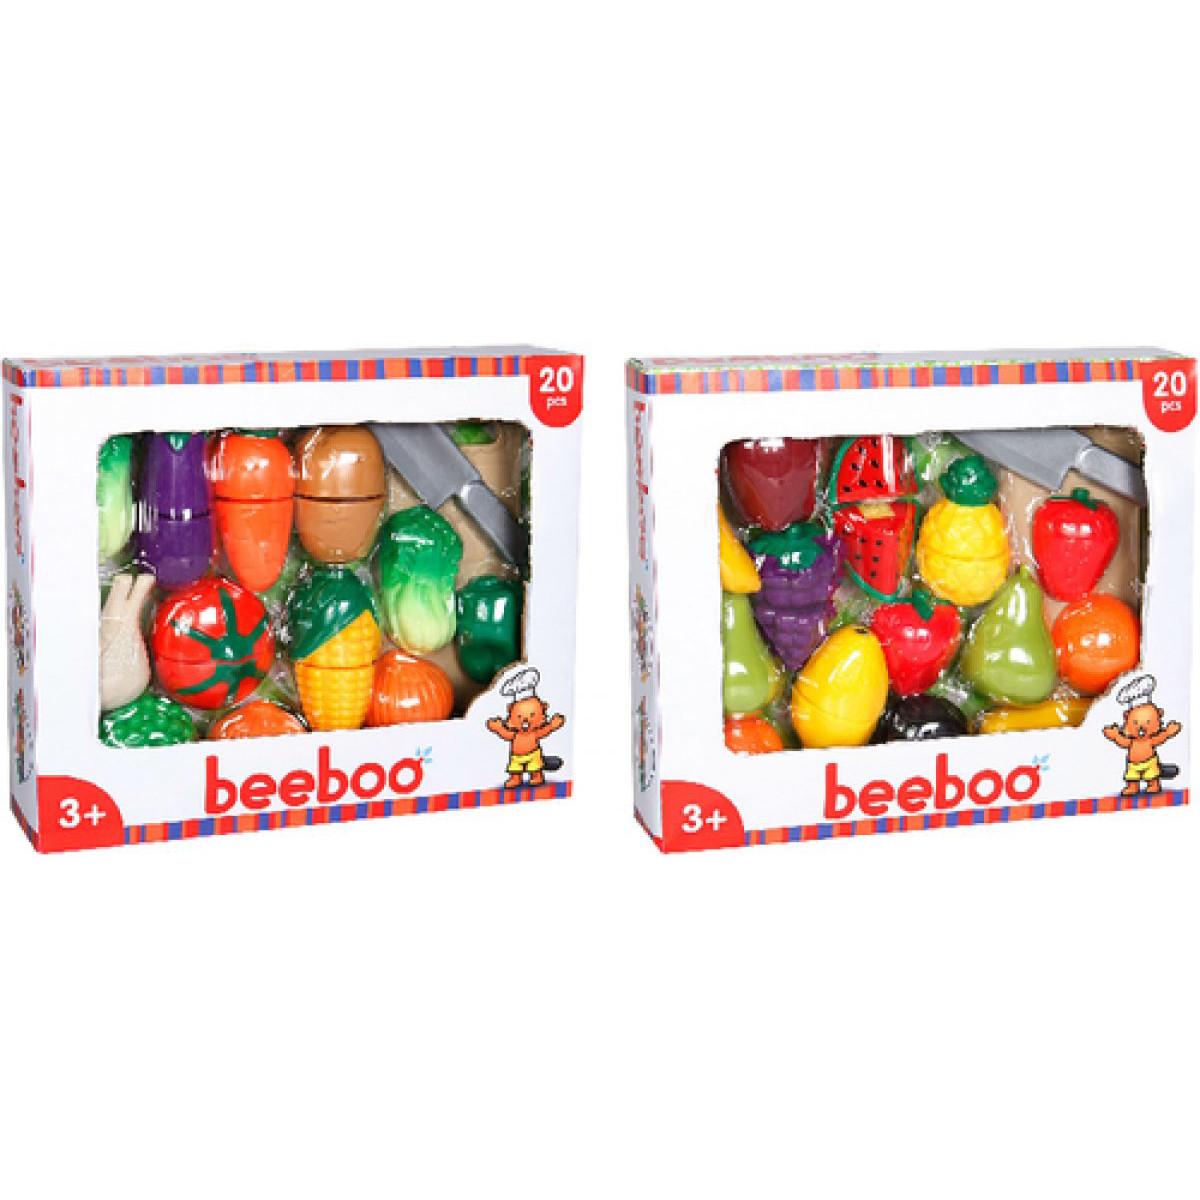 beeboo kitchen schneidebrett mit früchte oder gemüse zum schneiden ... - Beeboo Küche